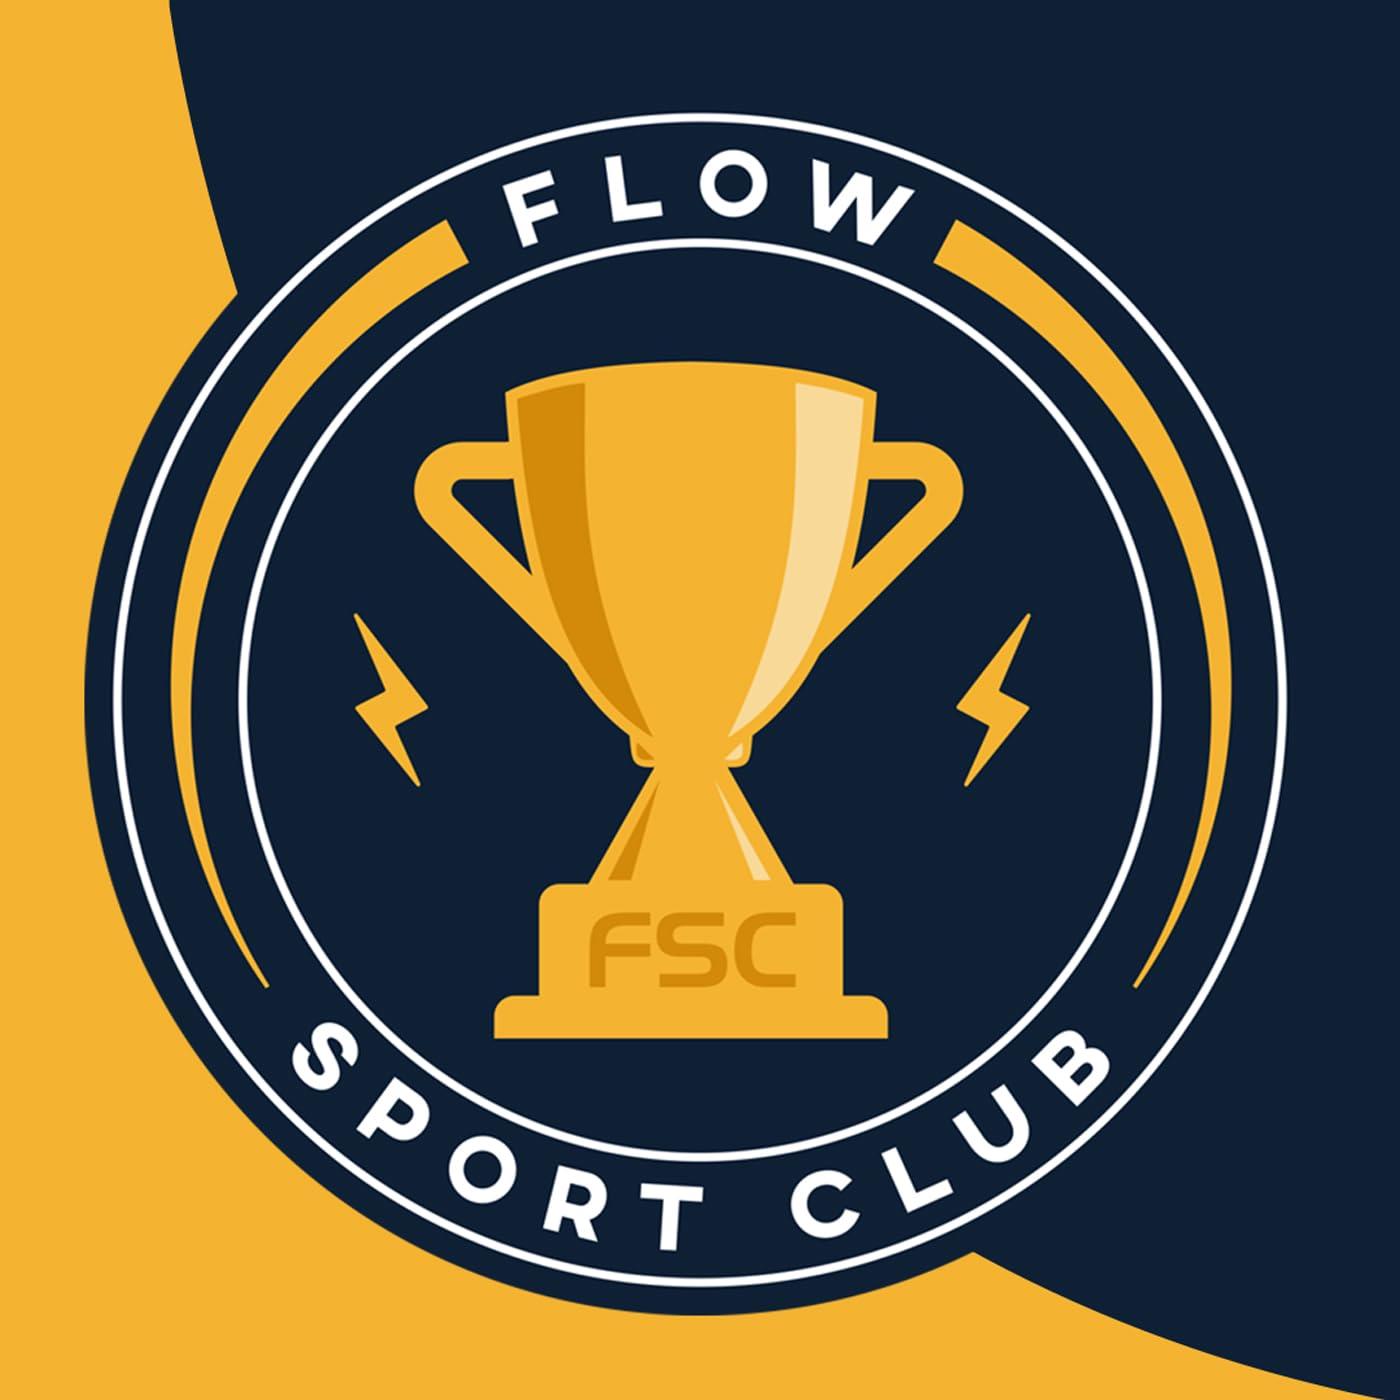 Flow Sport Club